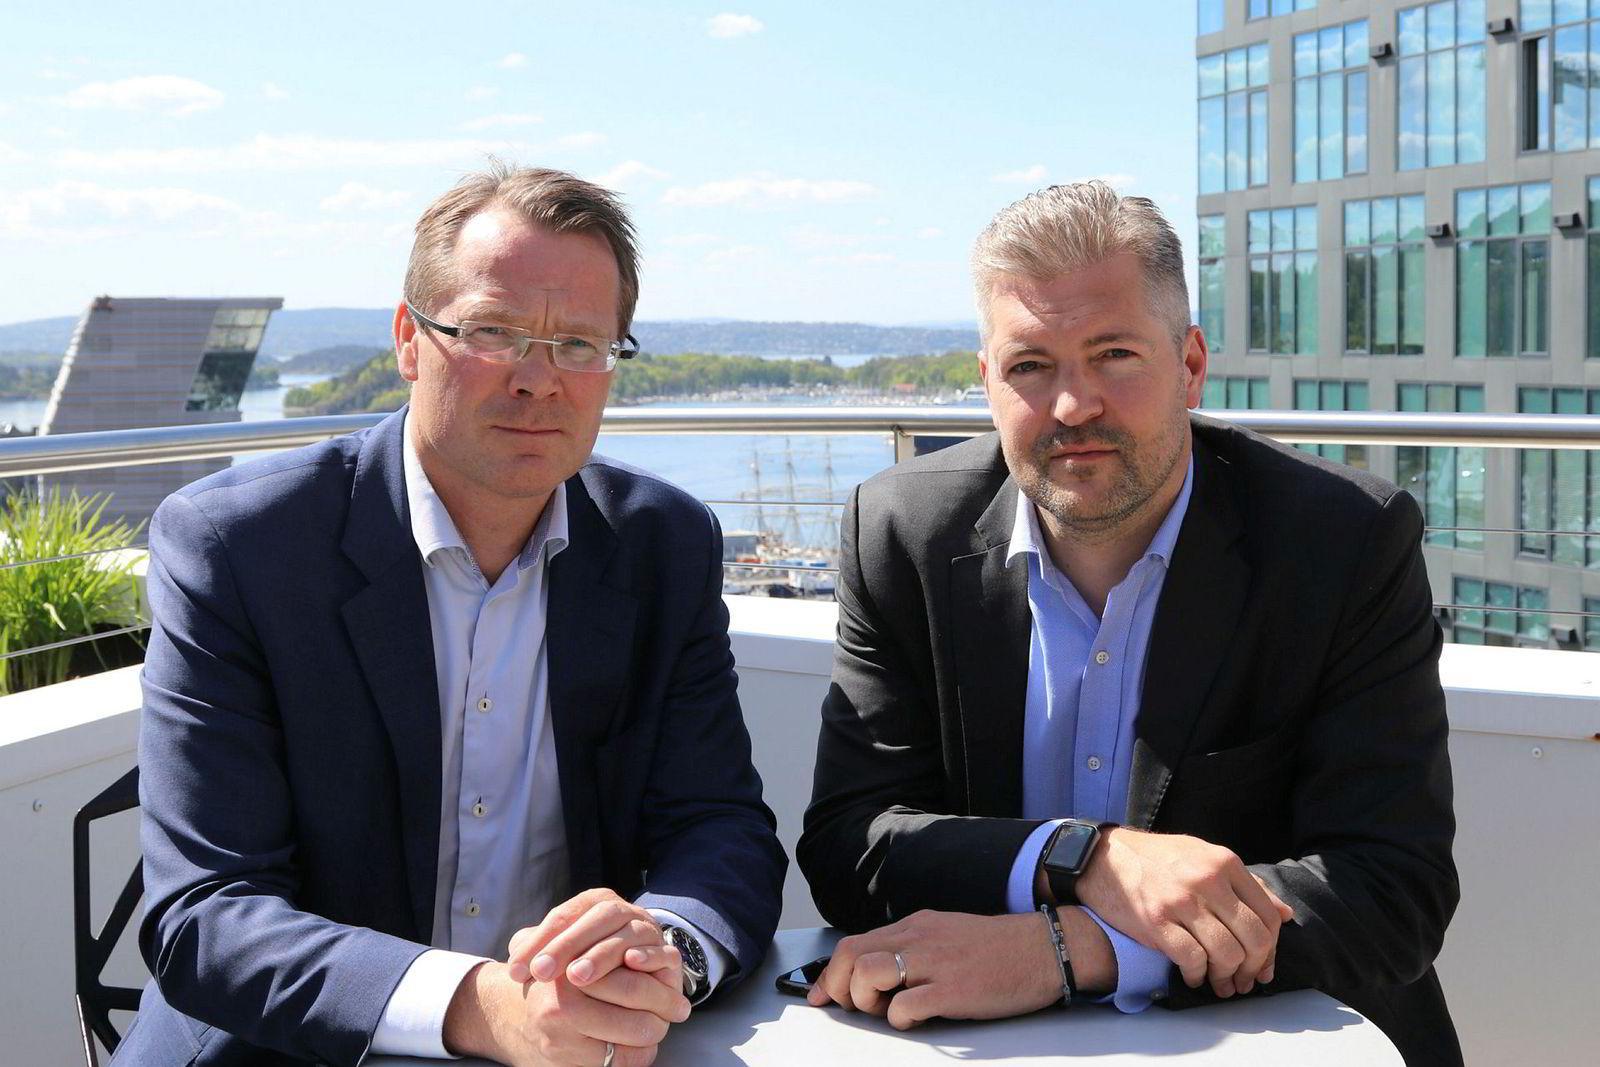 Advokat og director Bjørn Ofstad (t.v.) og advokat og partner Thomas Talen i Deloitte Advokatfirma.